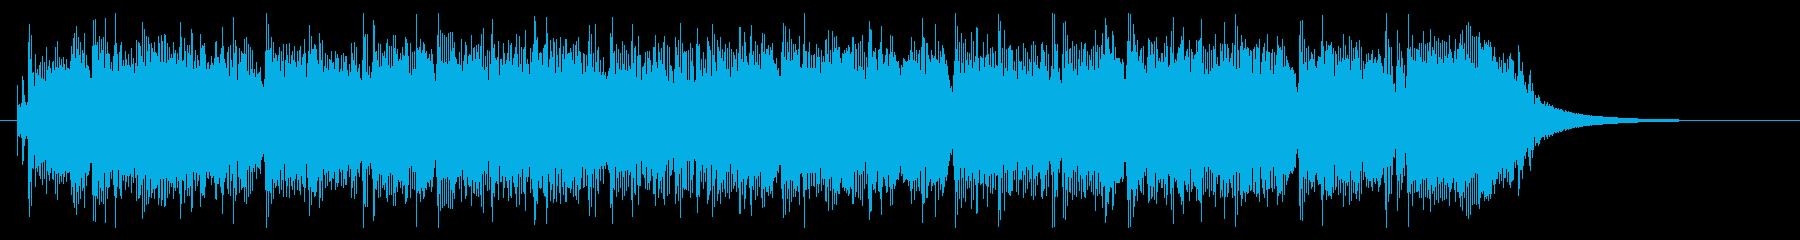 ギターとベースがユニゾンするハードロックの再生済みの波形